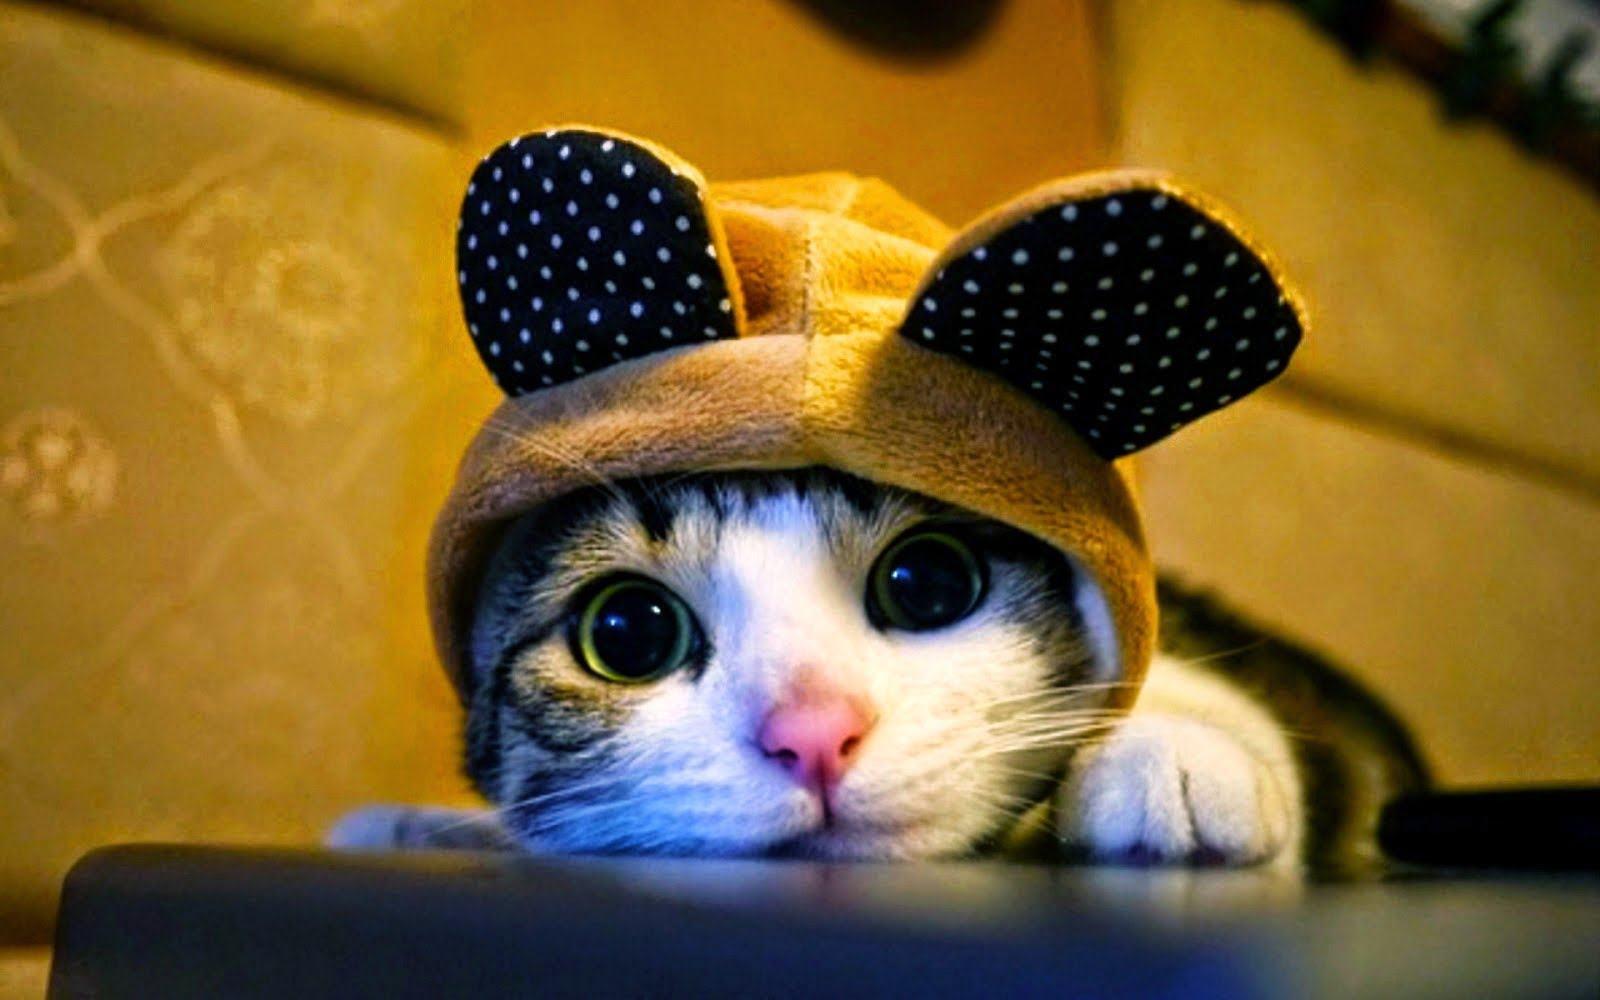 Hinh ảnh đáng yêu của mèo con khi được chủ nhân khoát lên bộ đồ